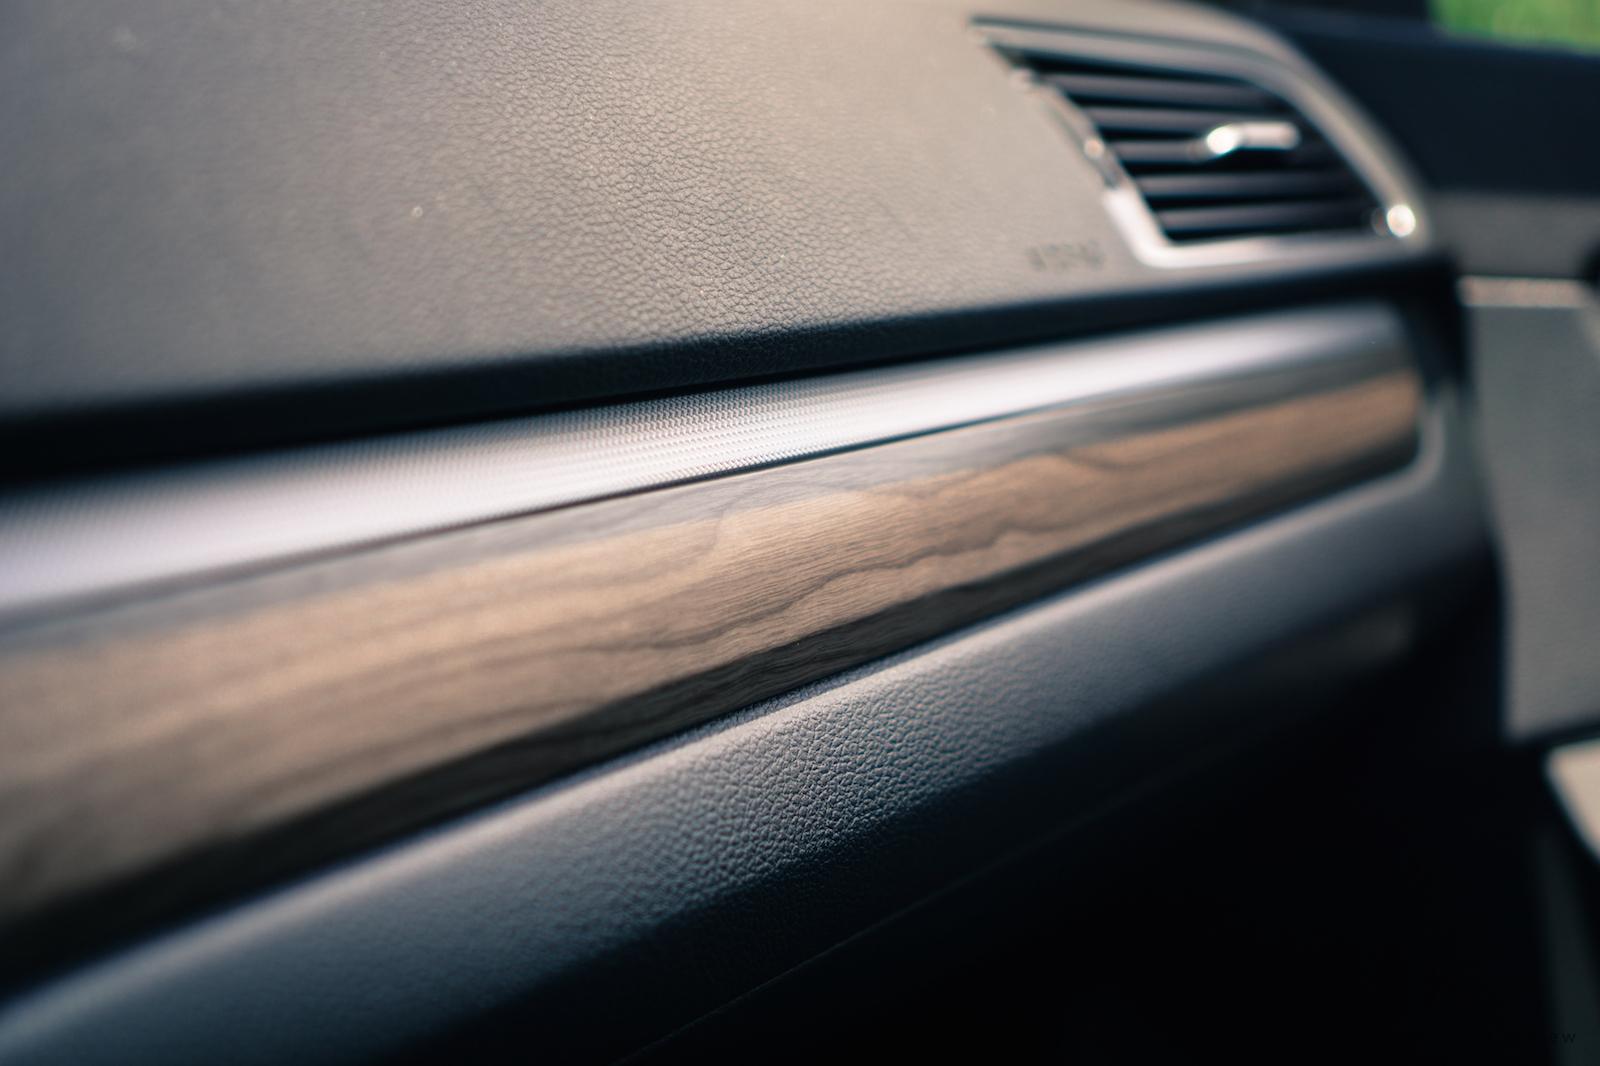 Review 2016 Volkswagen Passat Canadian Auto Wooden Panel Dashboard Wood